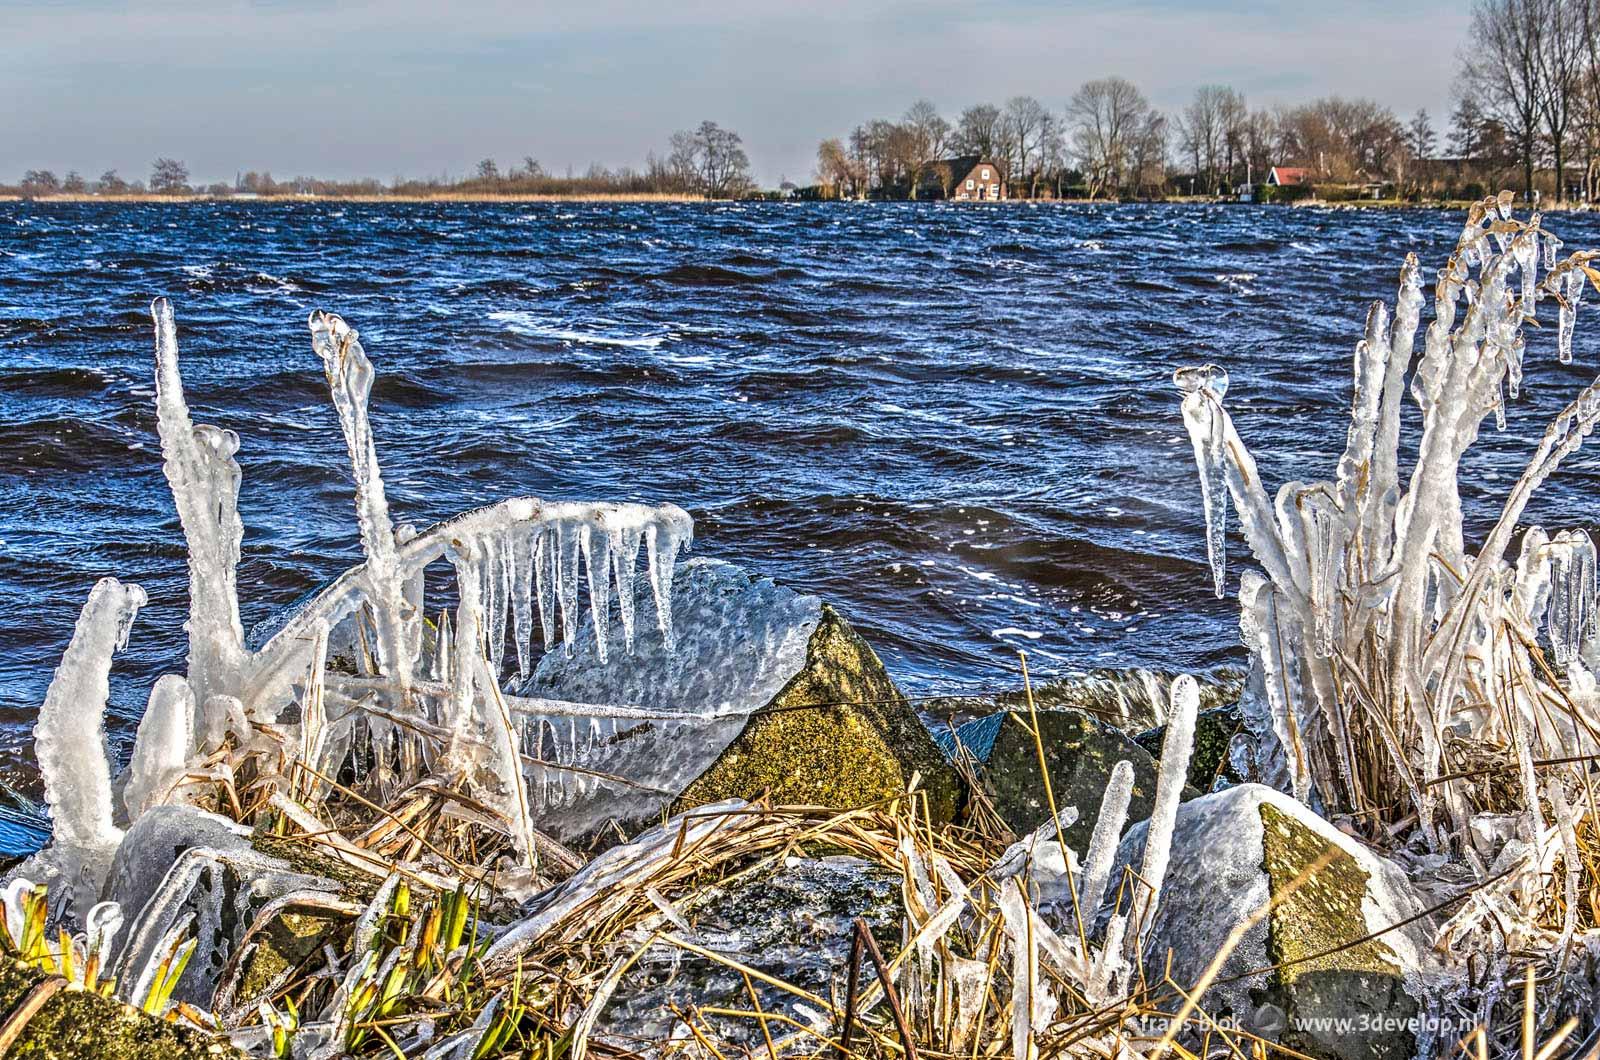 Sculpturen van ijs veroorzaakt door de harde oostenwind, langs de oevers van de Wijde Aa bij Hoogmade